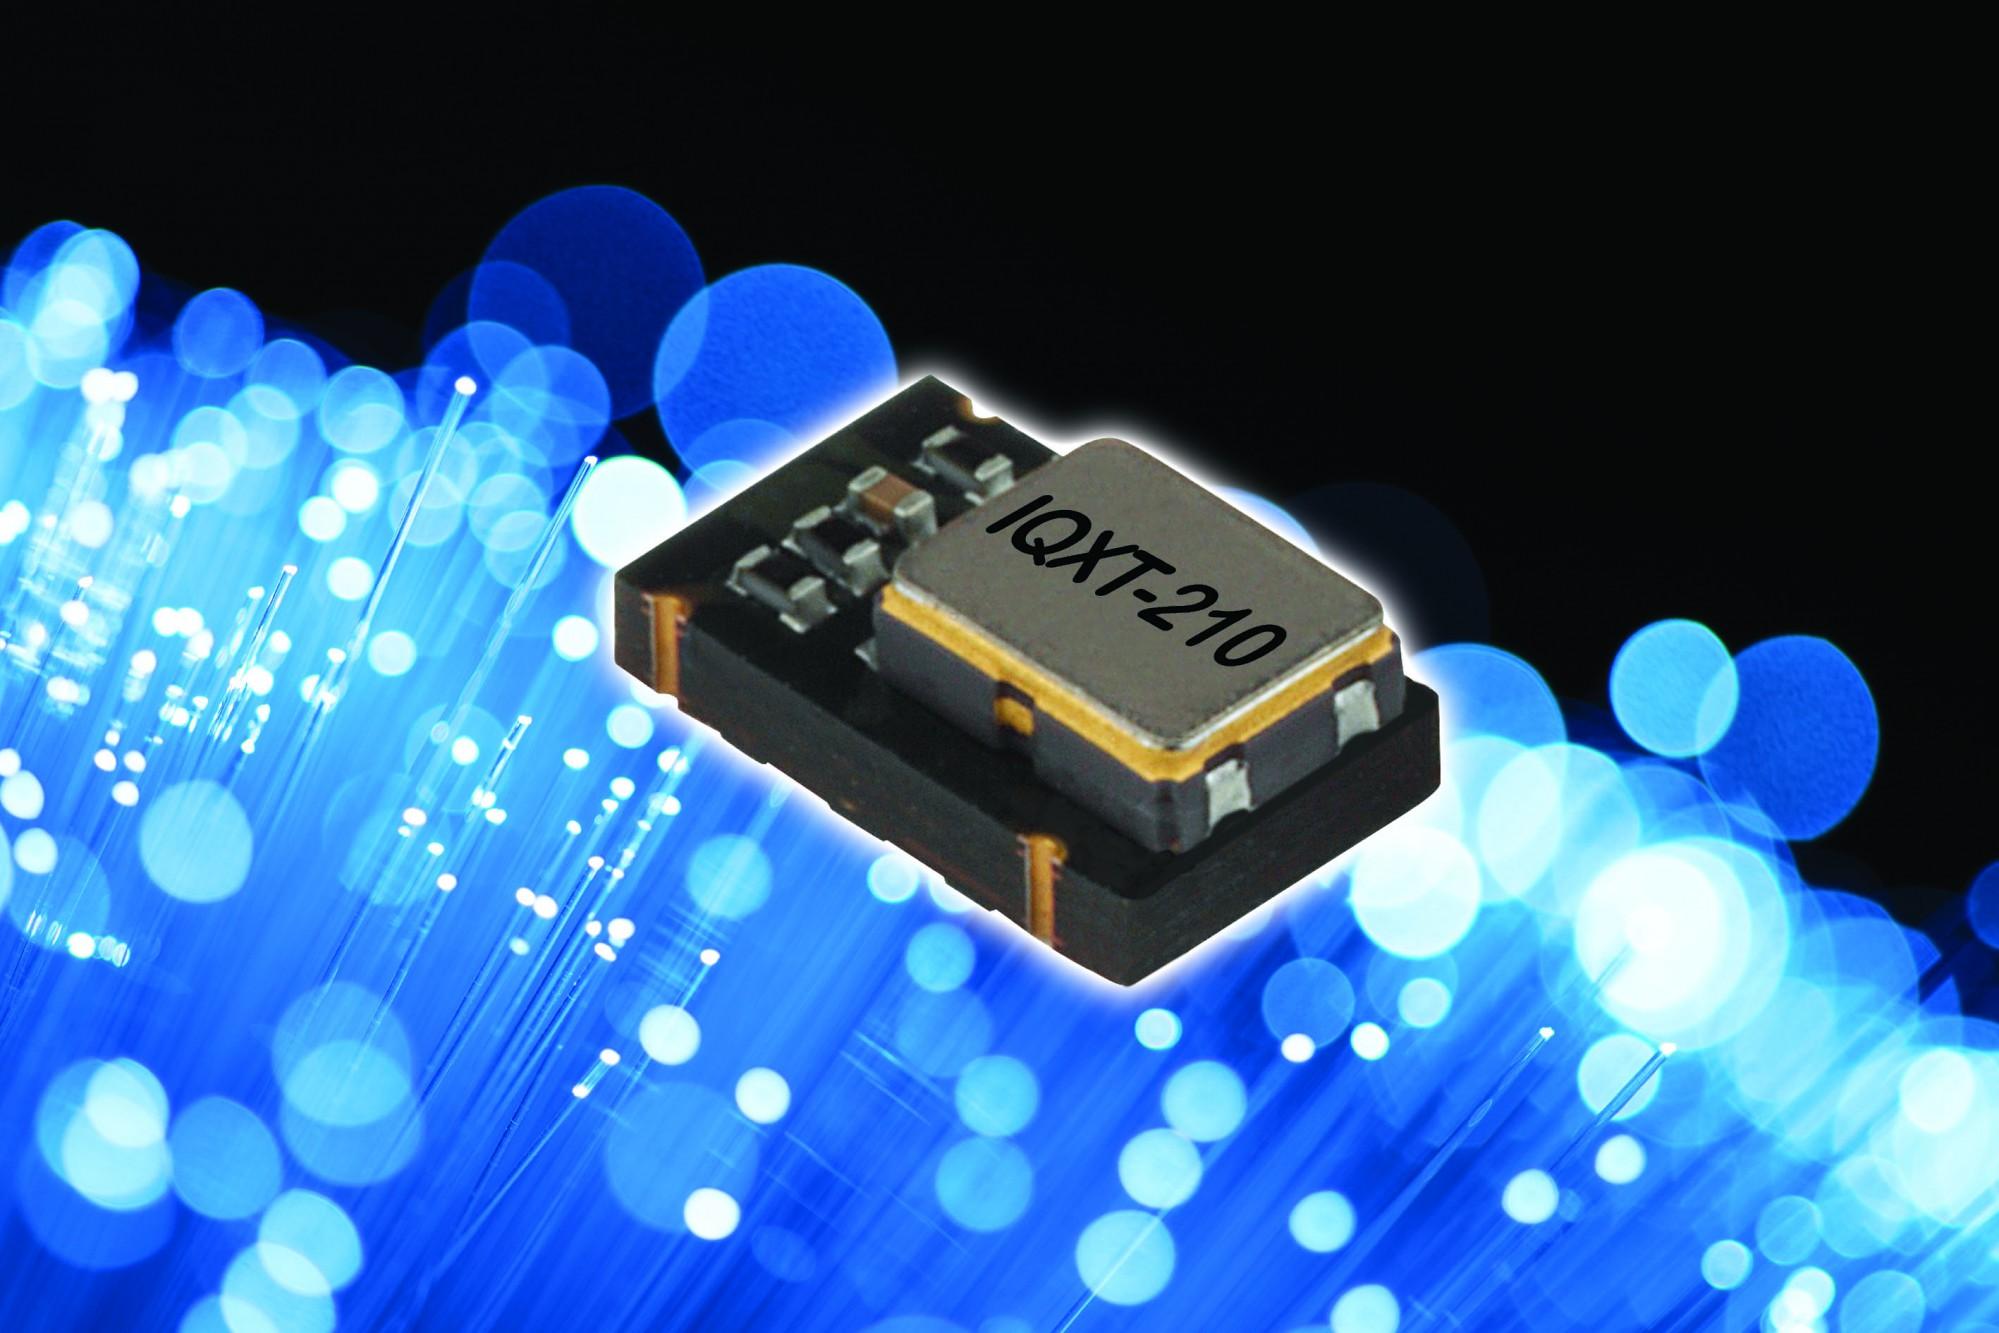 Le nouveau TCVCXO de IQD offre une stabilité de ±0.14ppm dans un boîtier de 5 x 3.2mm